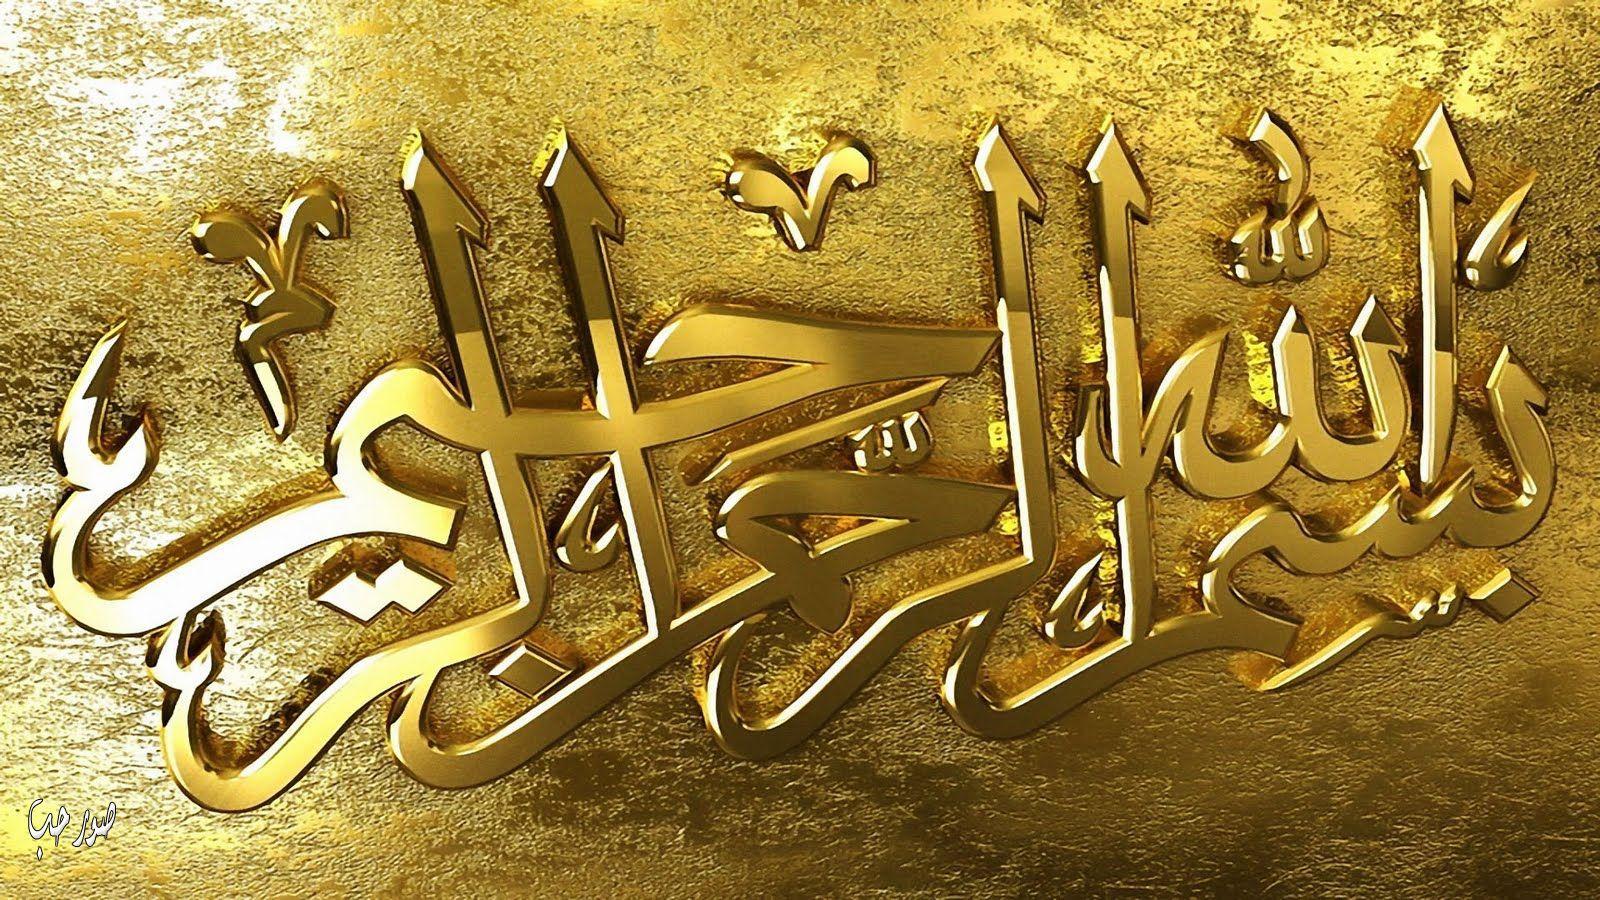 بالصور صور اسلاميه , اجمل الصور التى تخص الاسلام 5402 10